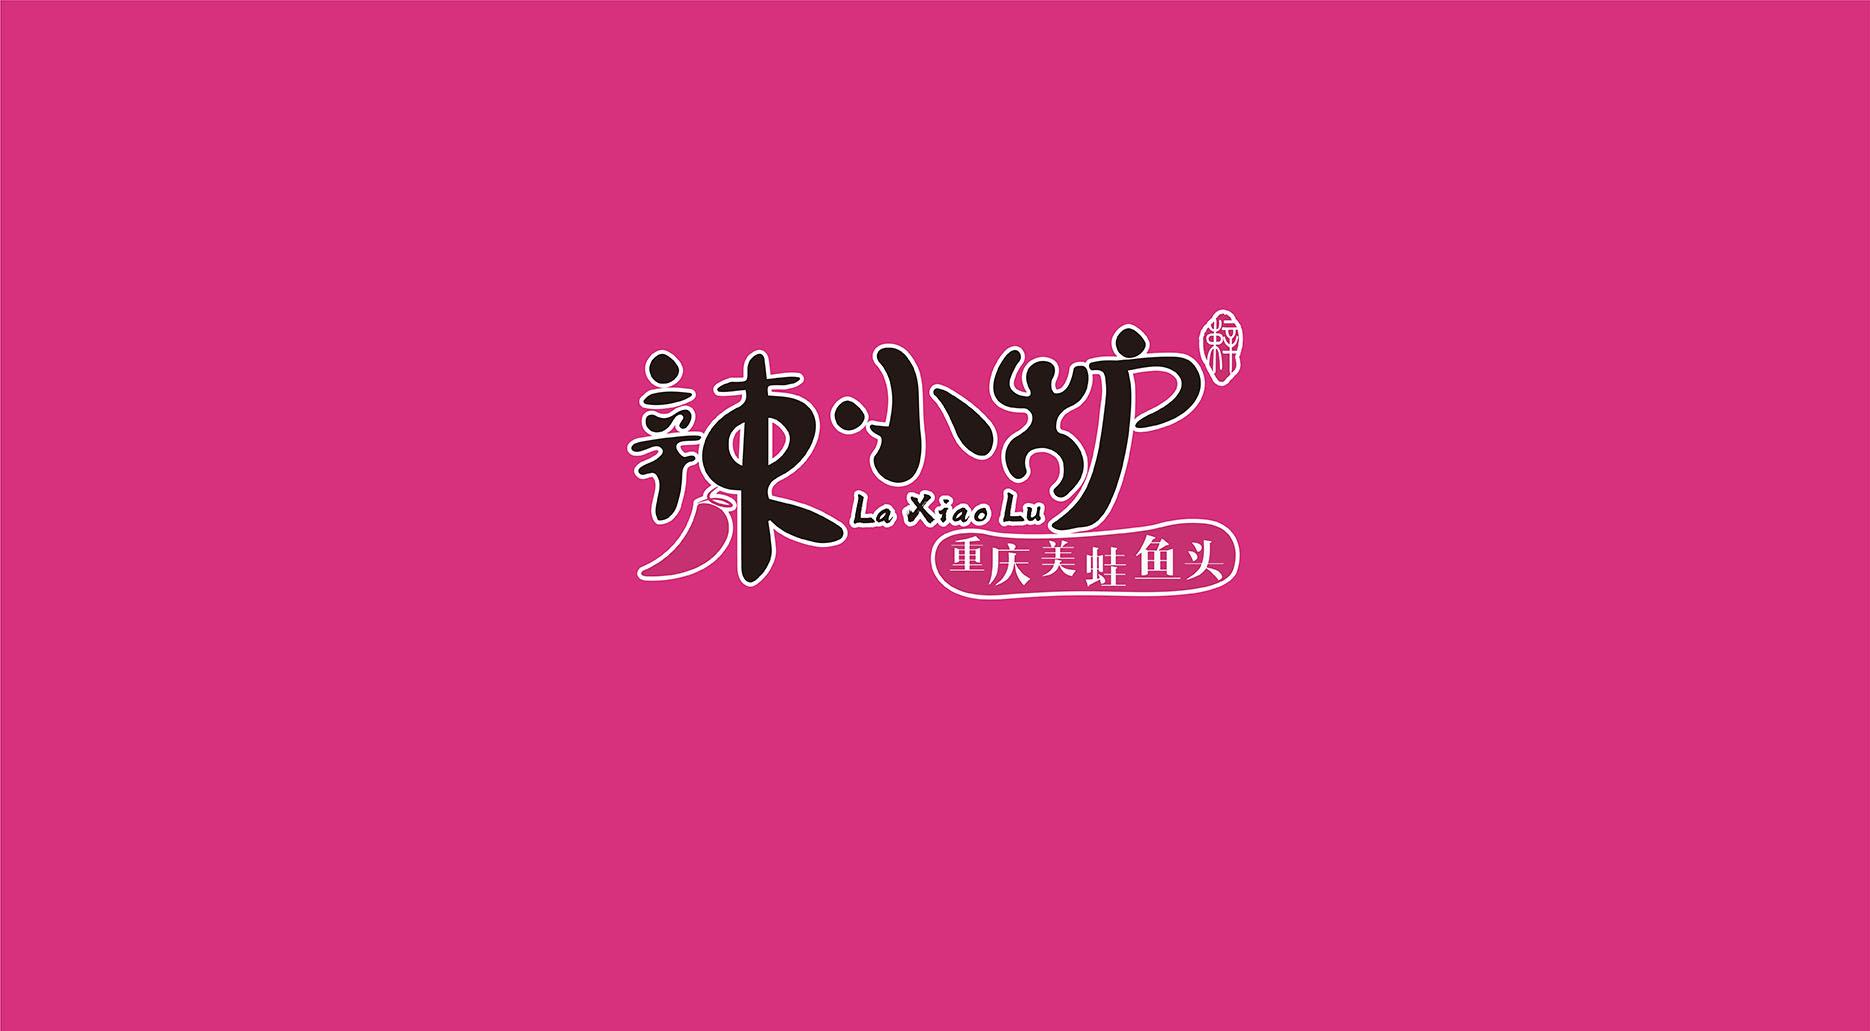 品牌logo:辣小炉重庆美蛙鱼头